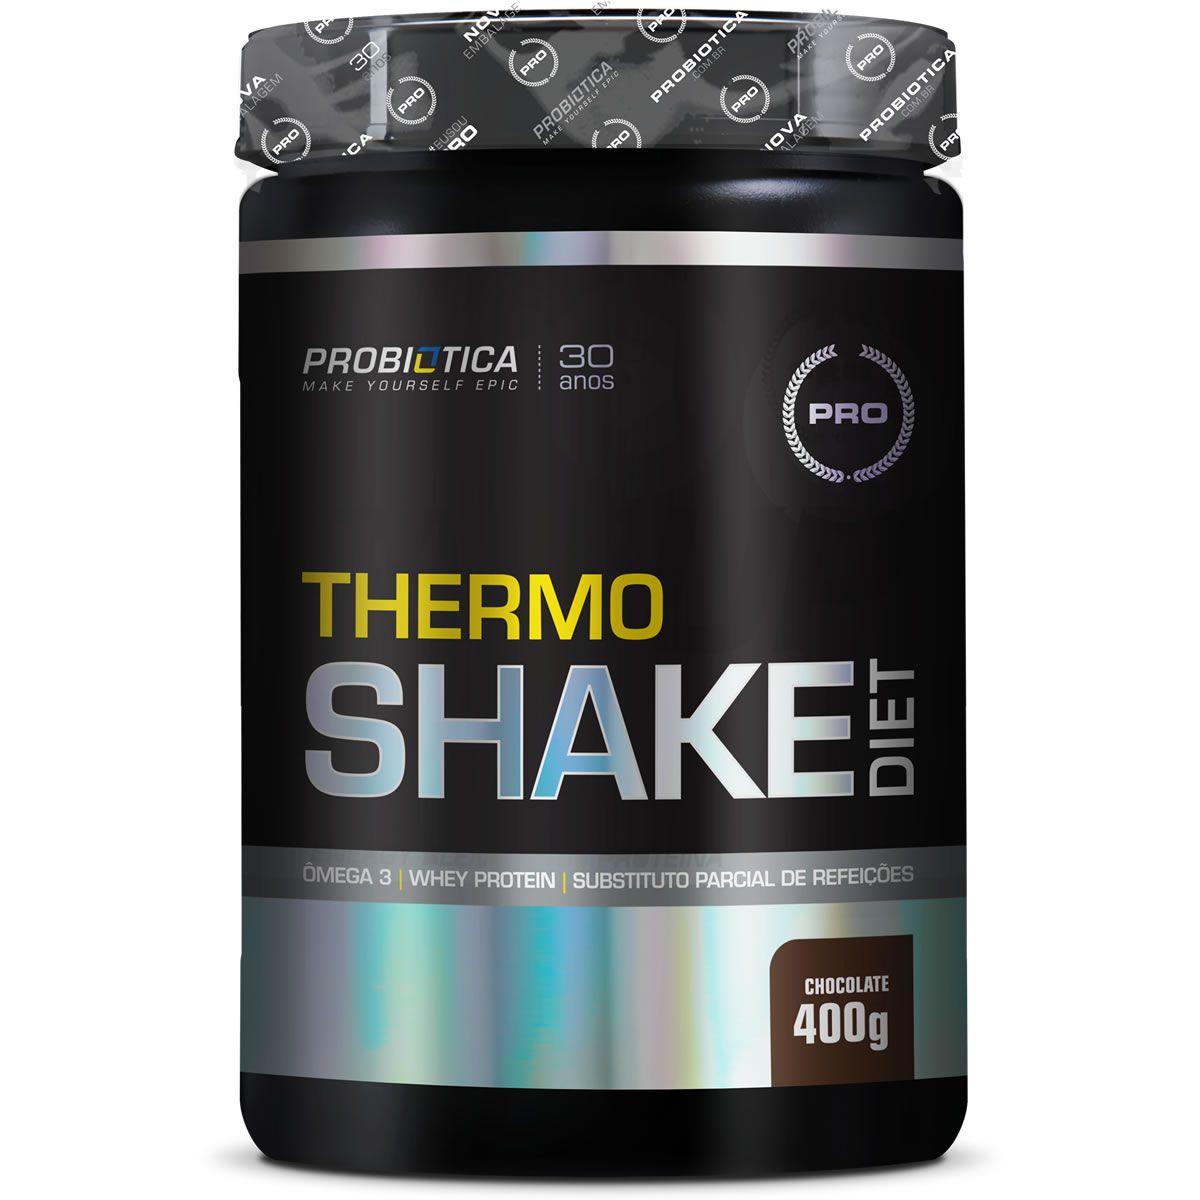 Thermoshake Diet Chocolate (400g) Probiótica